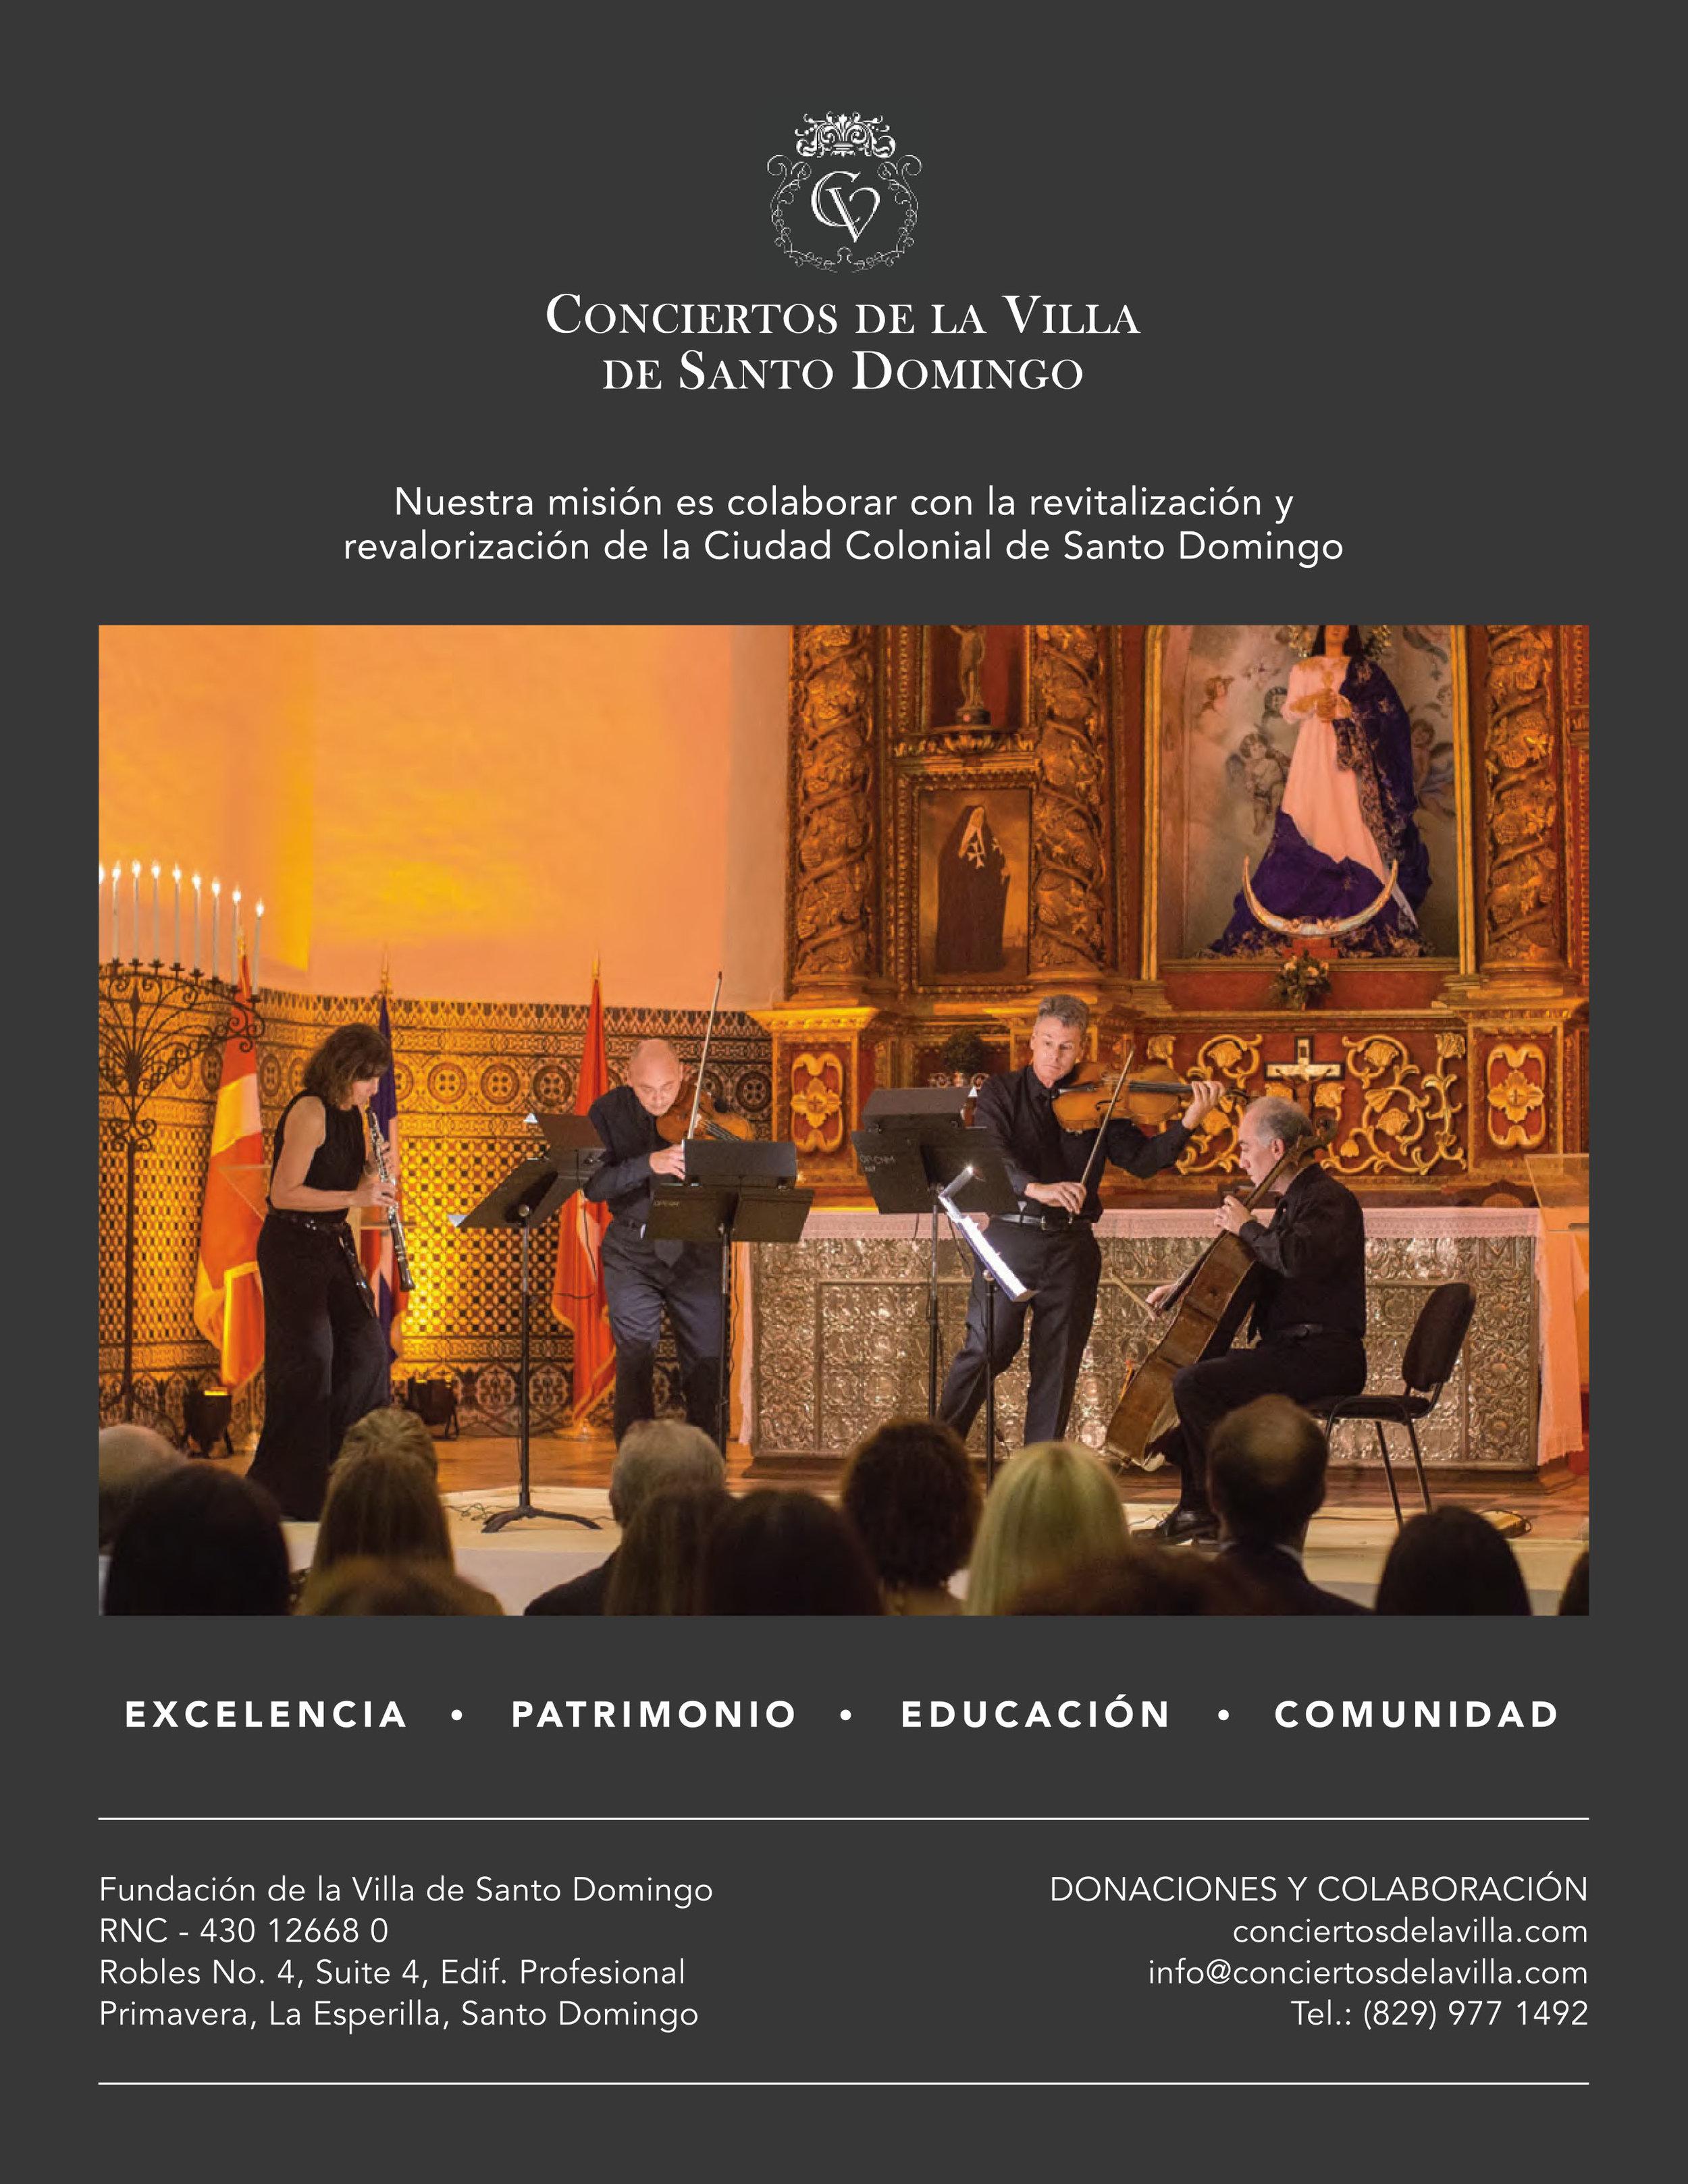 CONCIERTOS DE LA VILLA SANTO DOMINGO.jpg